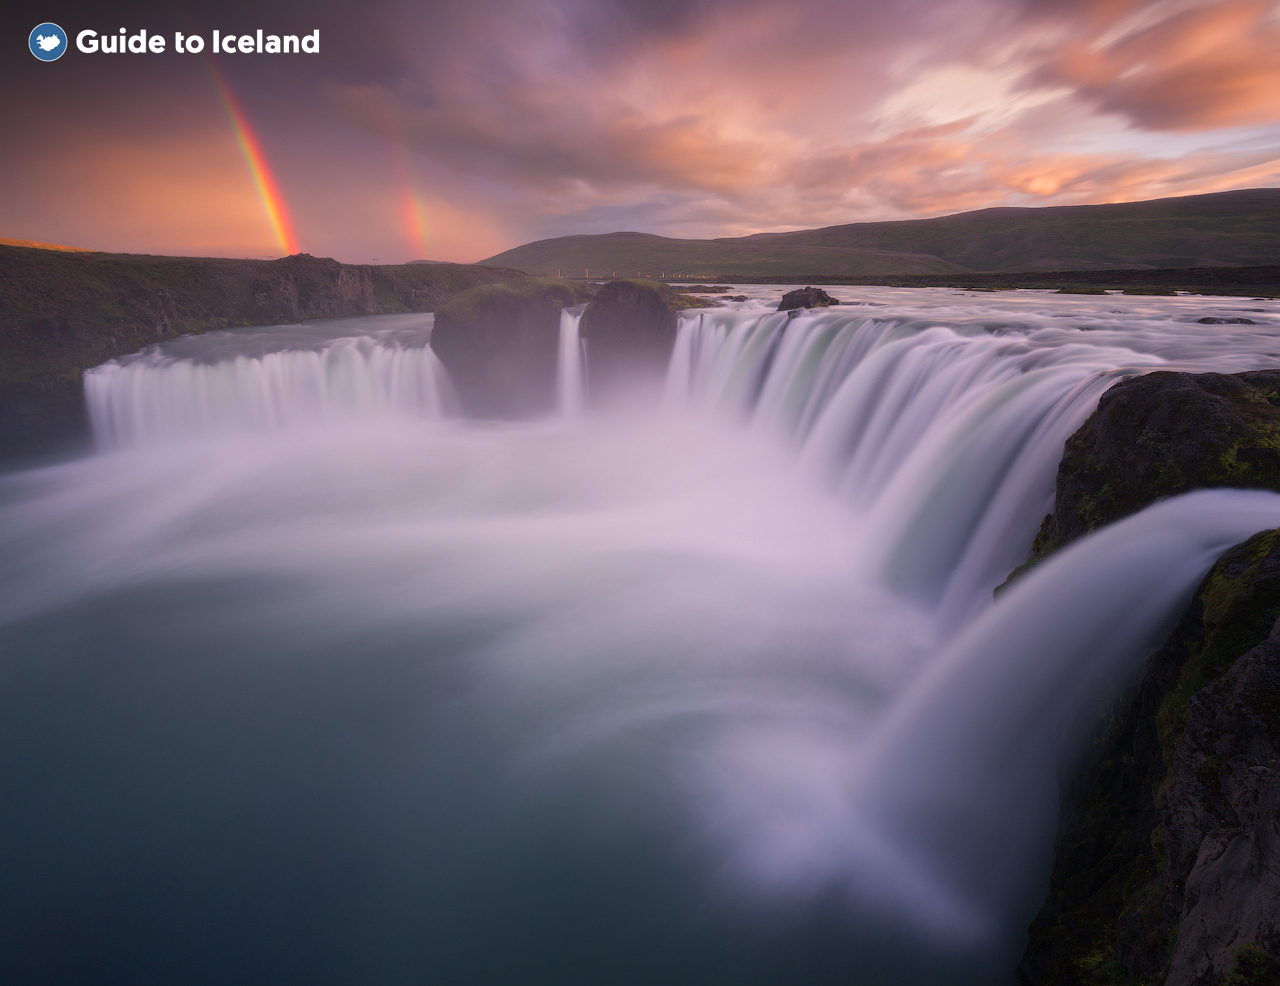 12-дневный автотур | Круг вокруг Исландии по Национальным паркам - day 8